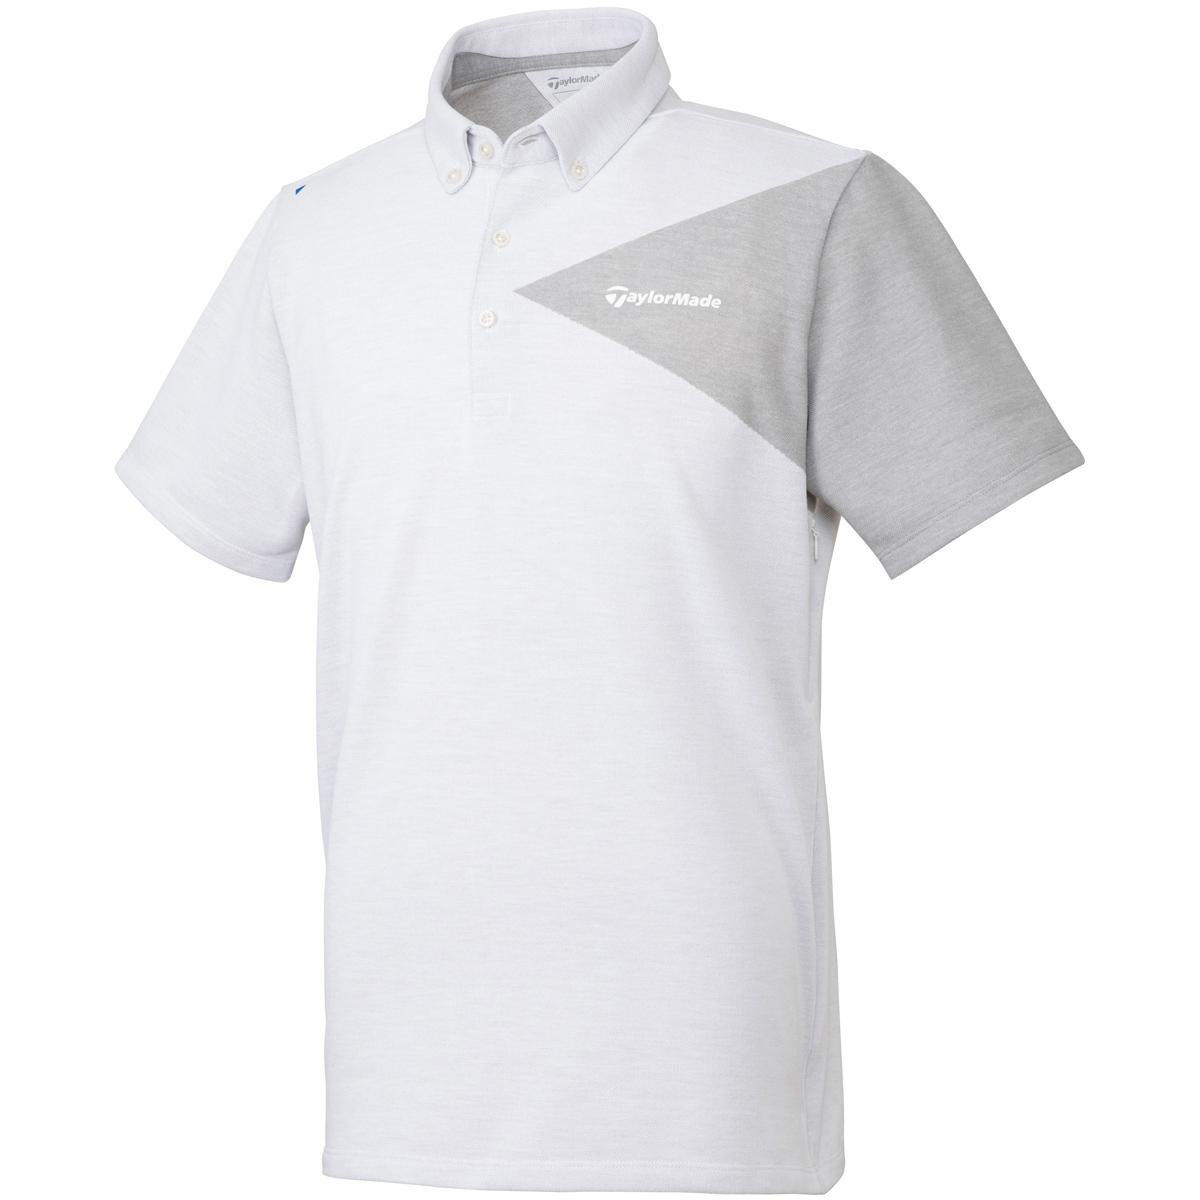 ベンチレーション ミラノリブ ボタンダウン半袖ポロシャツ